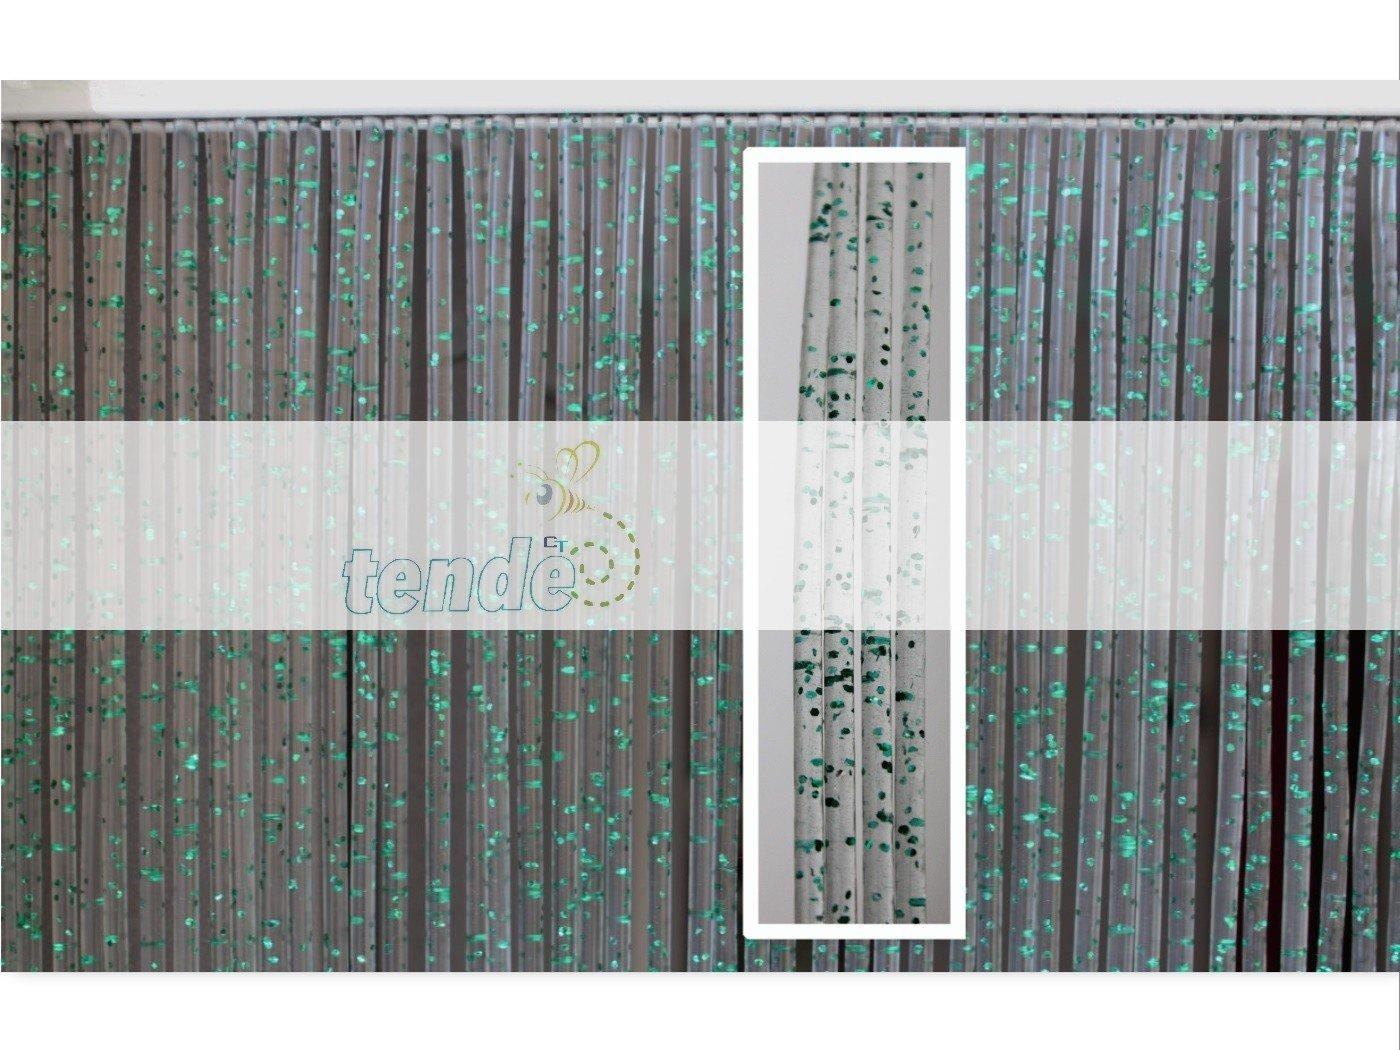 Cirillo Tende PVC-Türvorhänge Modell Modell Modell Diamante - Eichmaß 100X220   120X230   130X240   150X250 - Fliegenvorhang - Kunststoff-Vorhänge (120X230, Silber (2)) B06XGCLT4D Transparente Gardinen 5e1656